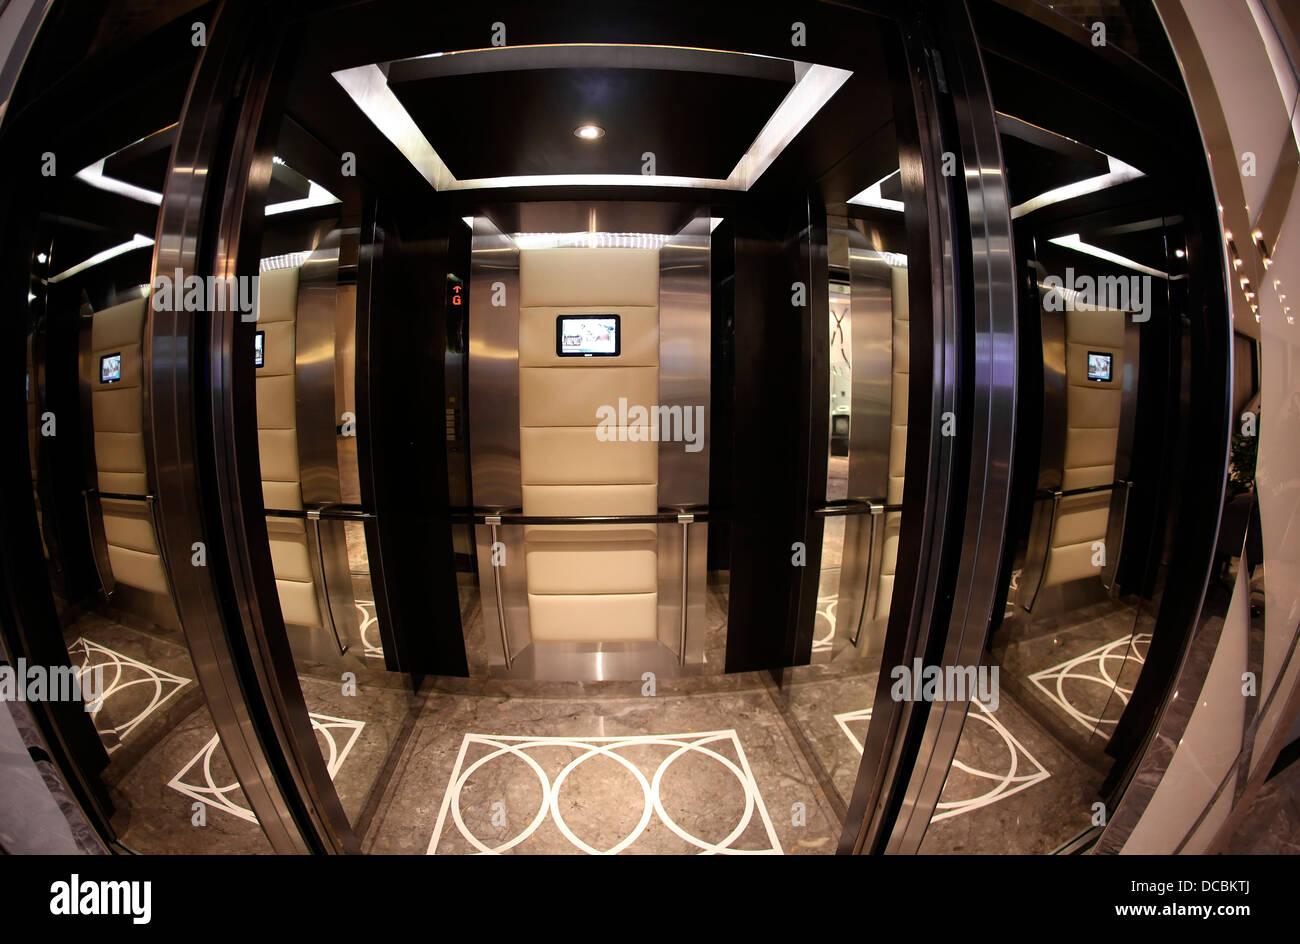 Hotel Radisson Blu interno Agra India ospitalità ascensore con pannelli in vetro riflessioni elegante ultramoderno Immagini Stock